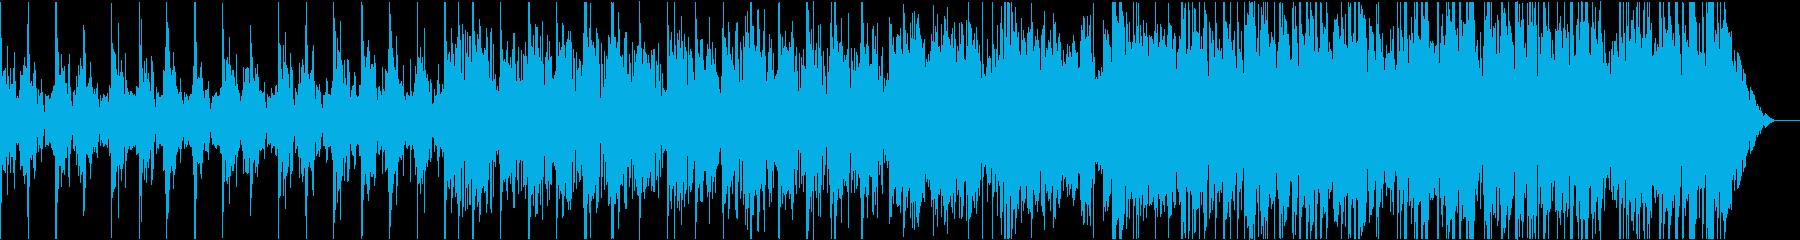 ボレロ風から曲調が大きく変化するBGMの再生済みの波形